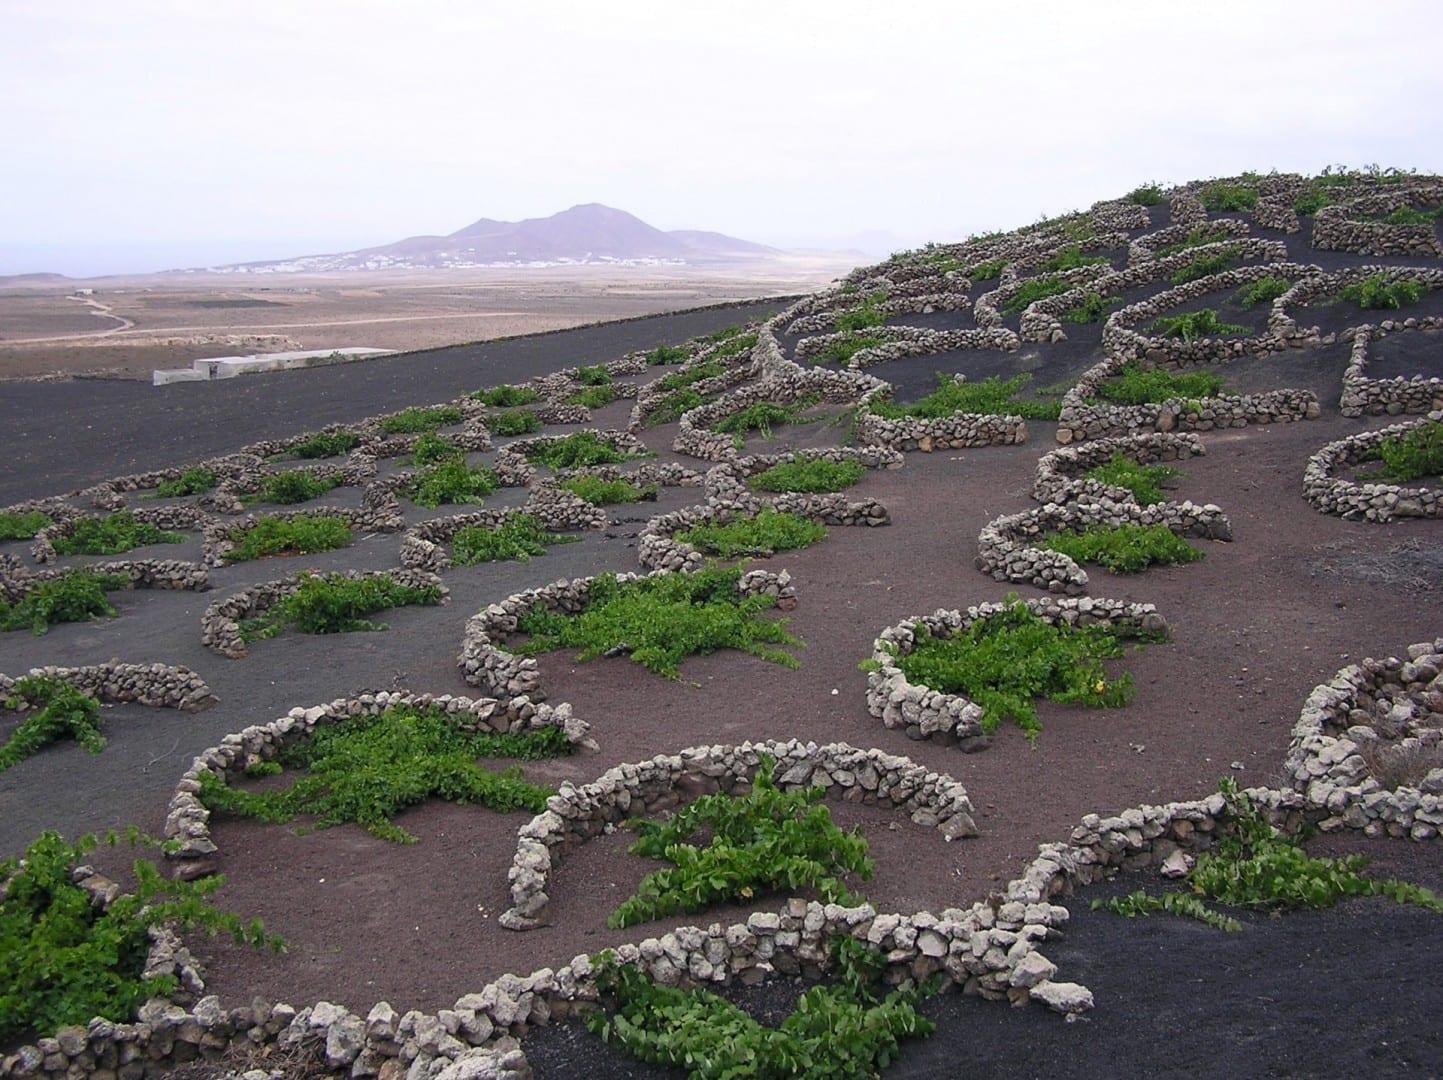 El viñedo Geria Lanzarote (Islas Canarias) España